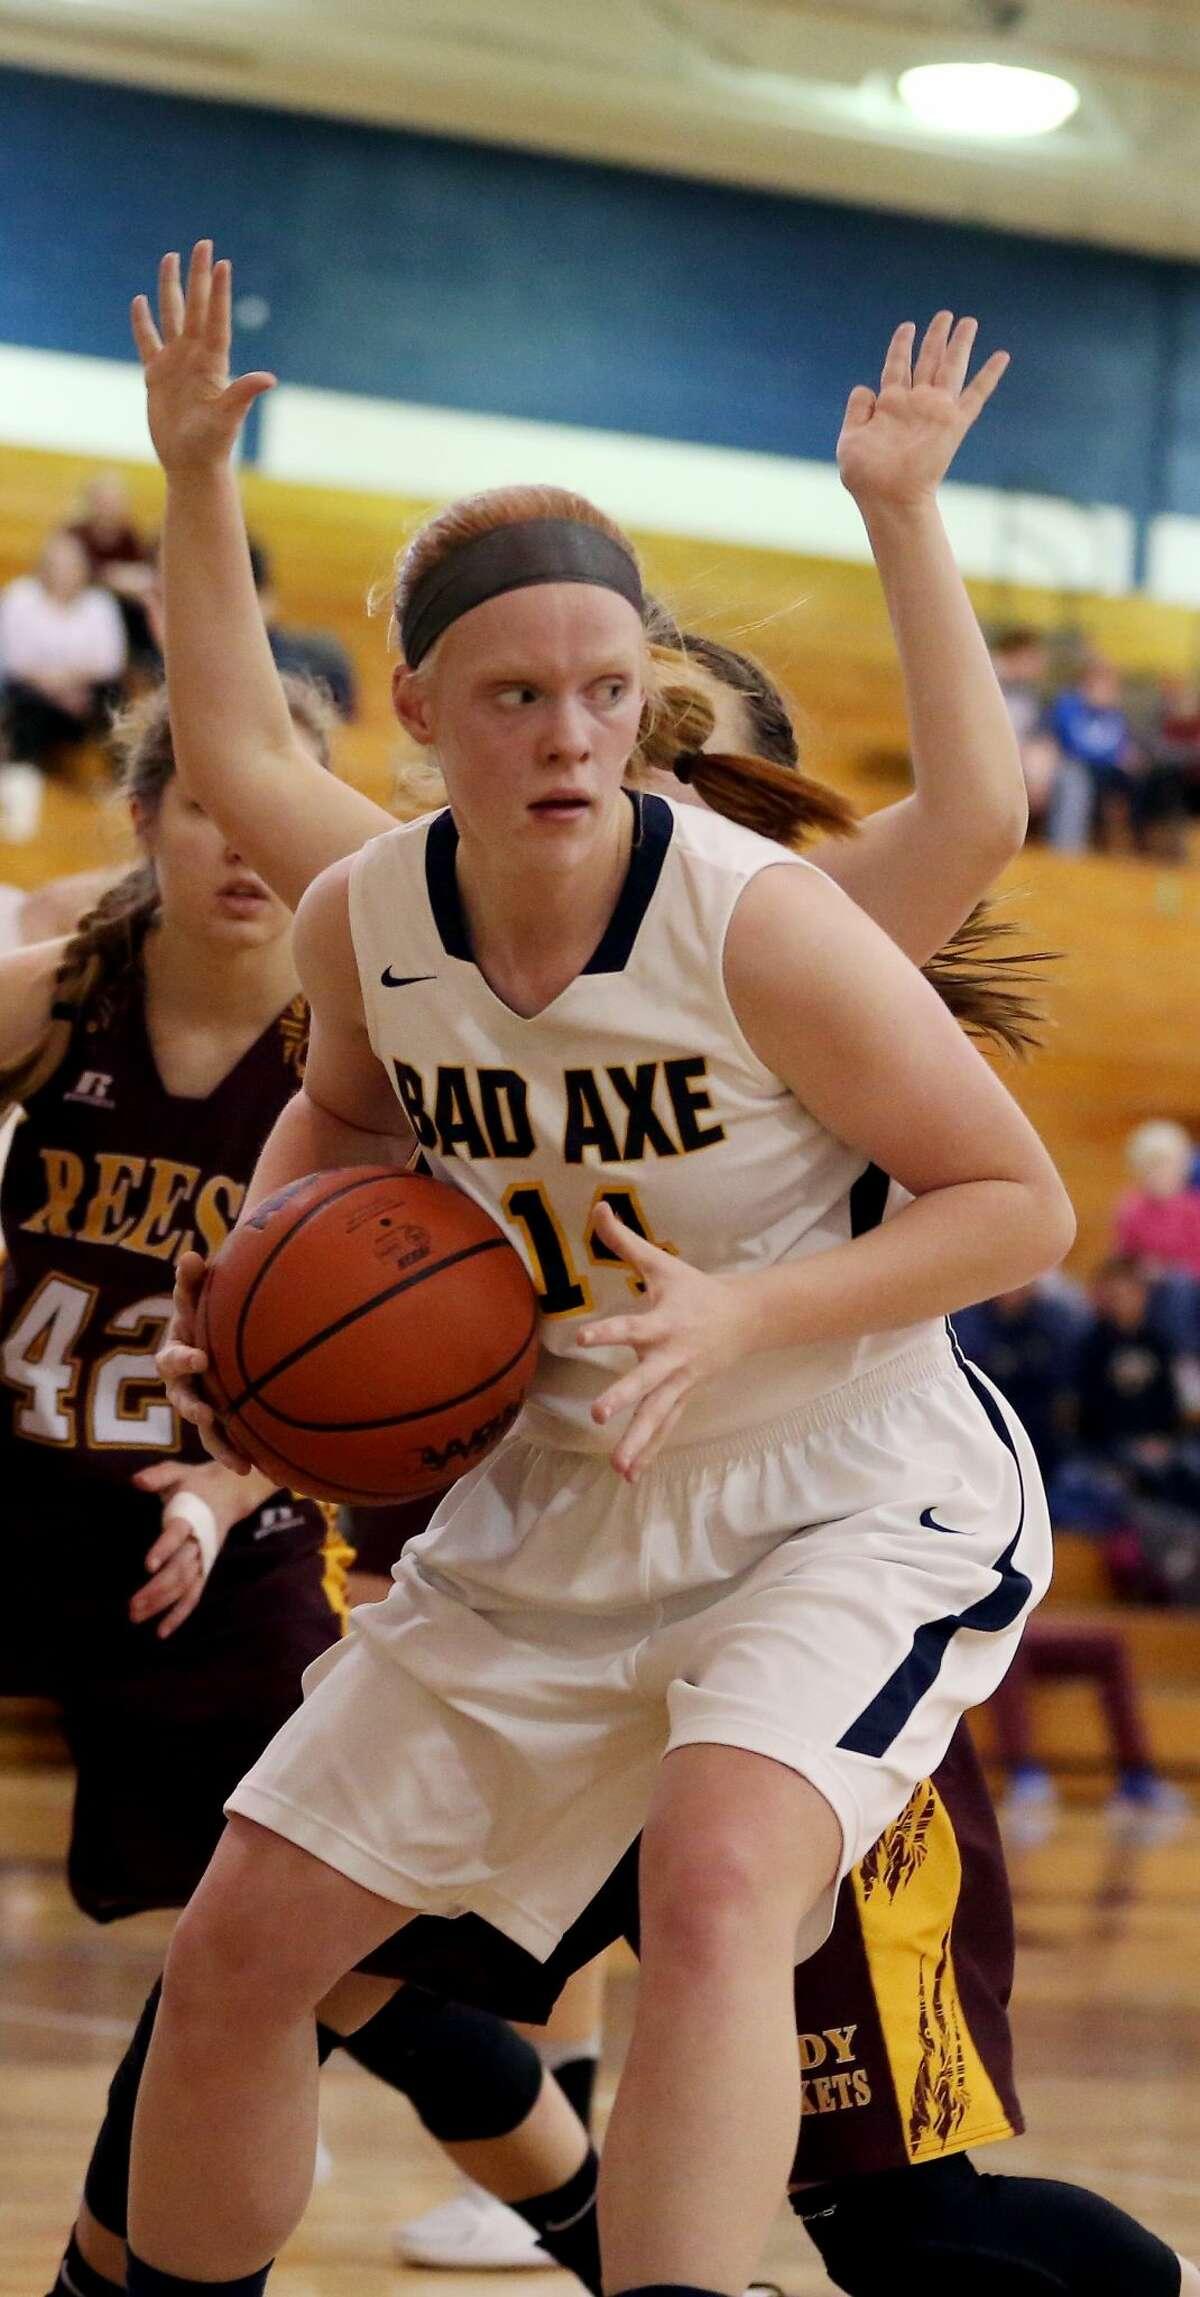 Reese at Bad Axe - Girls Basketball 2018